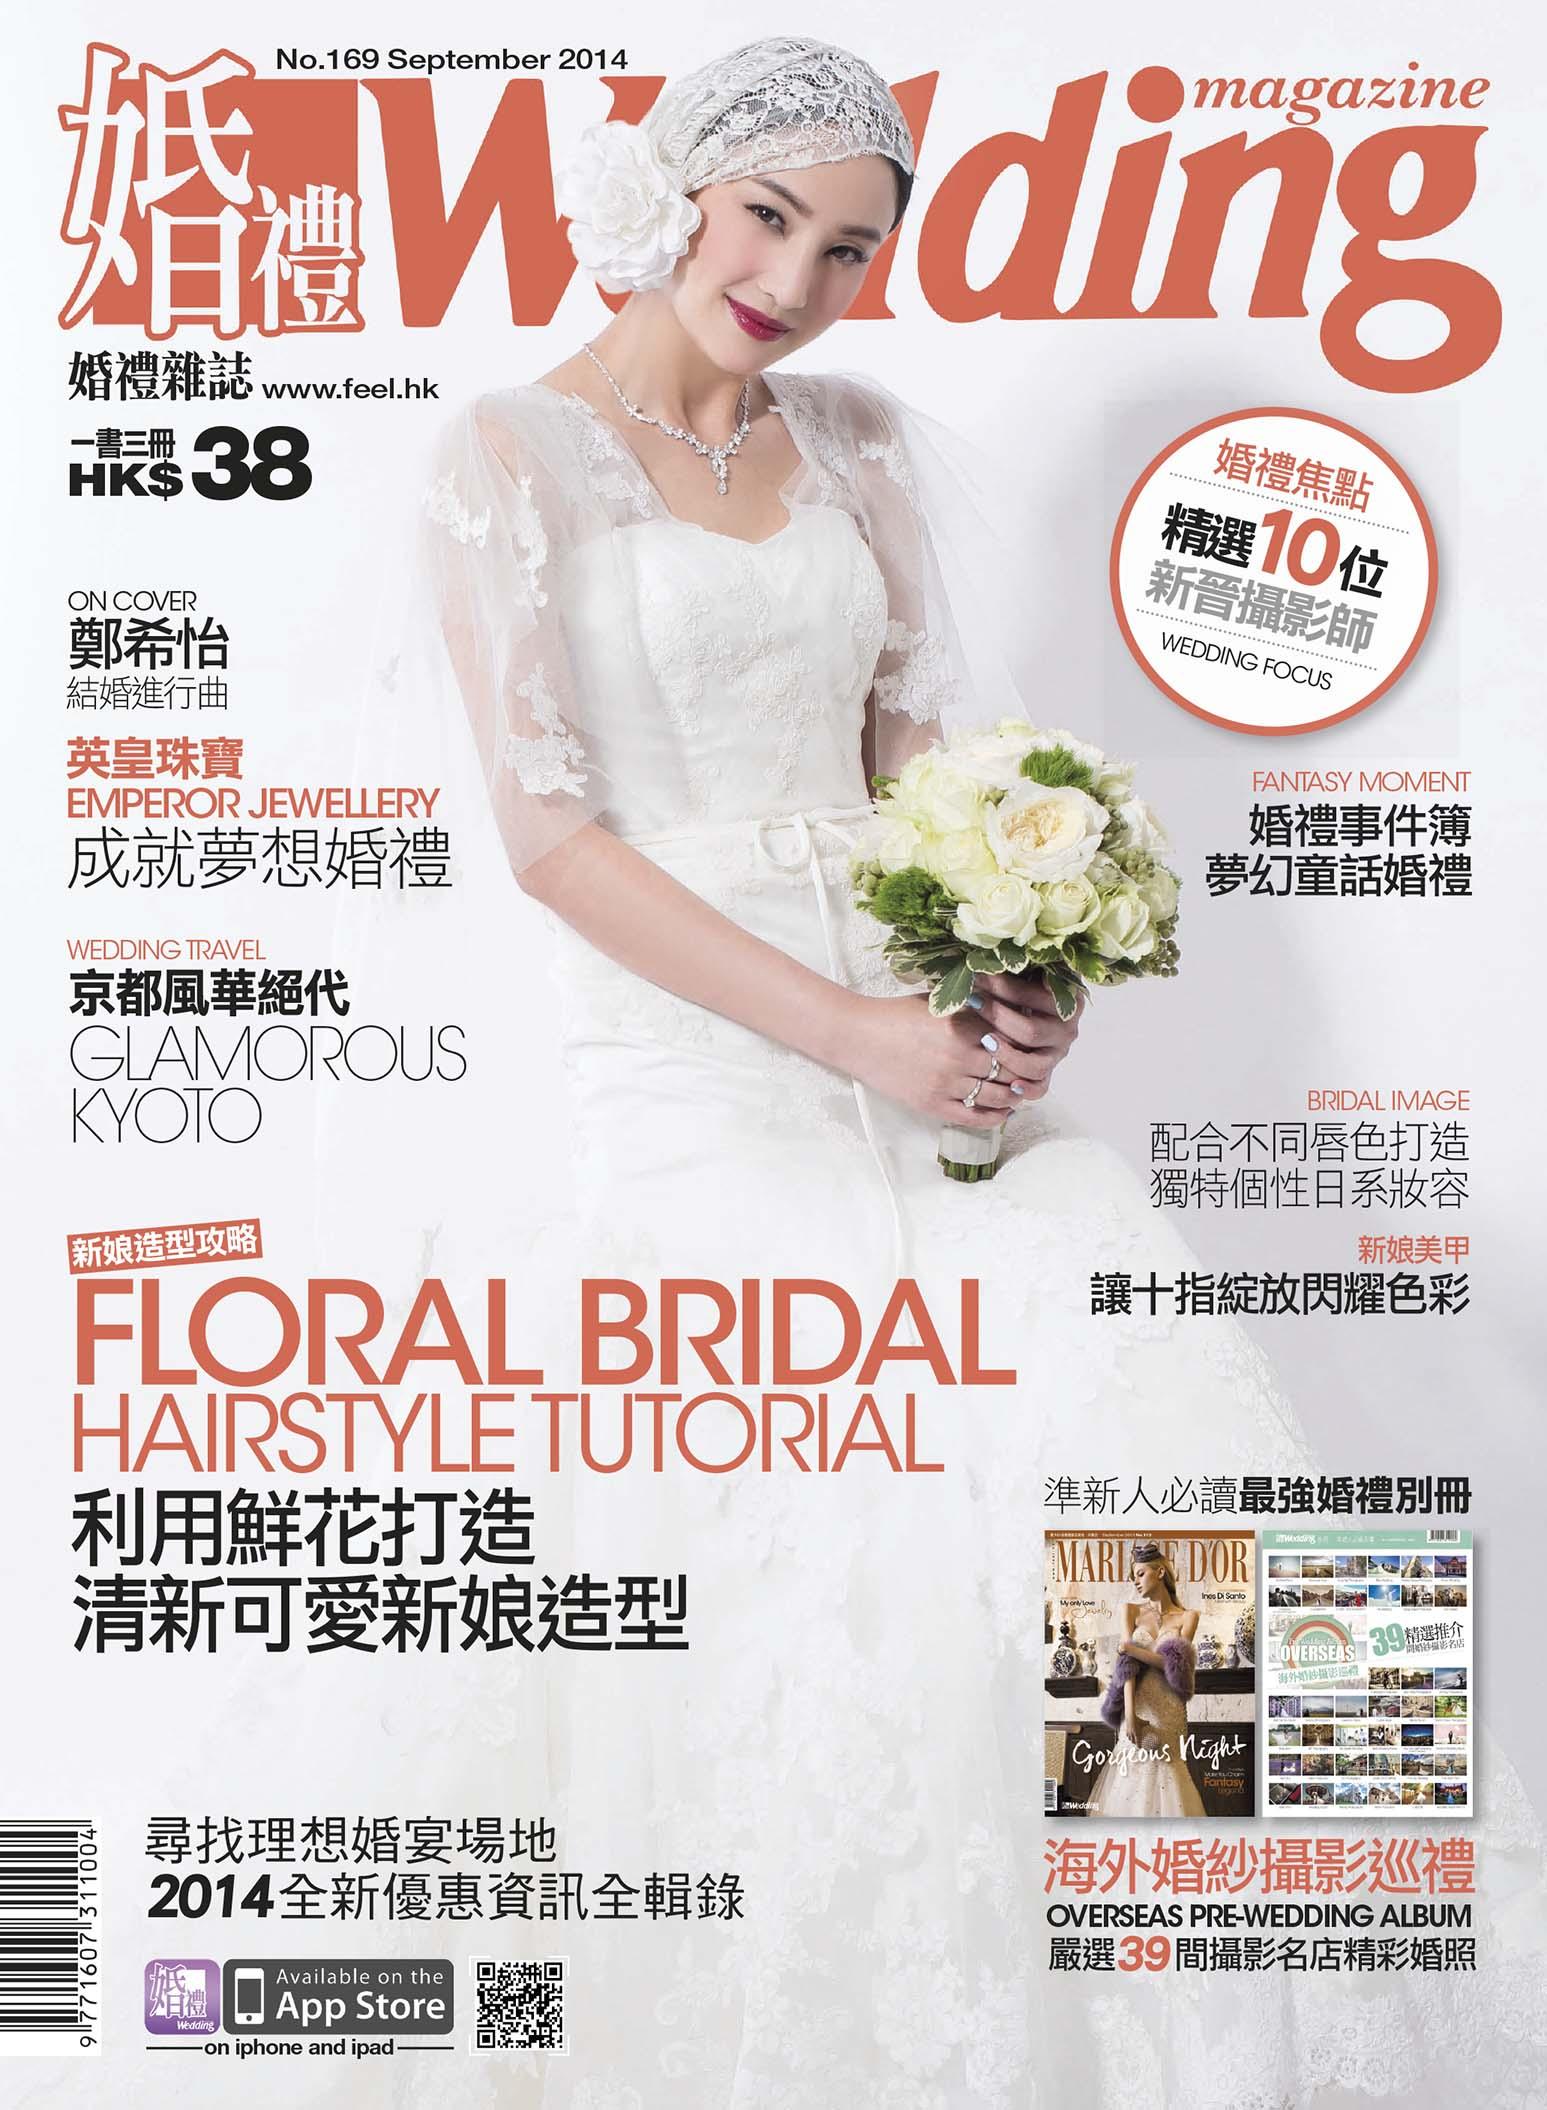 婚禮雜誌 Vol.169